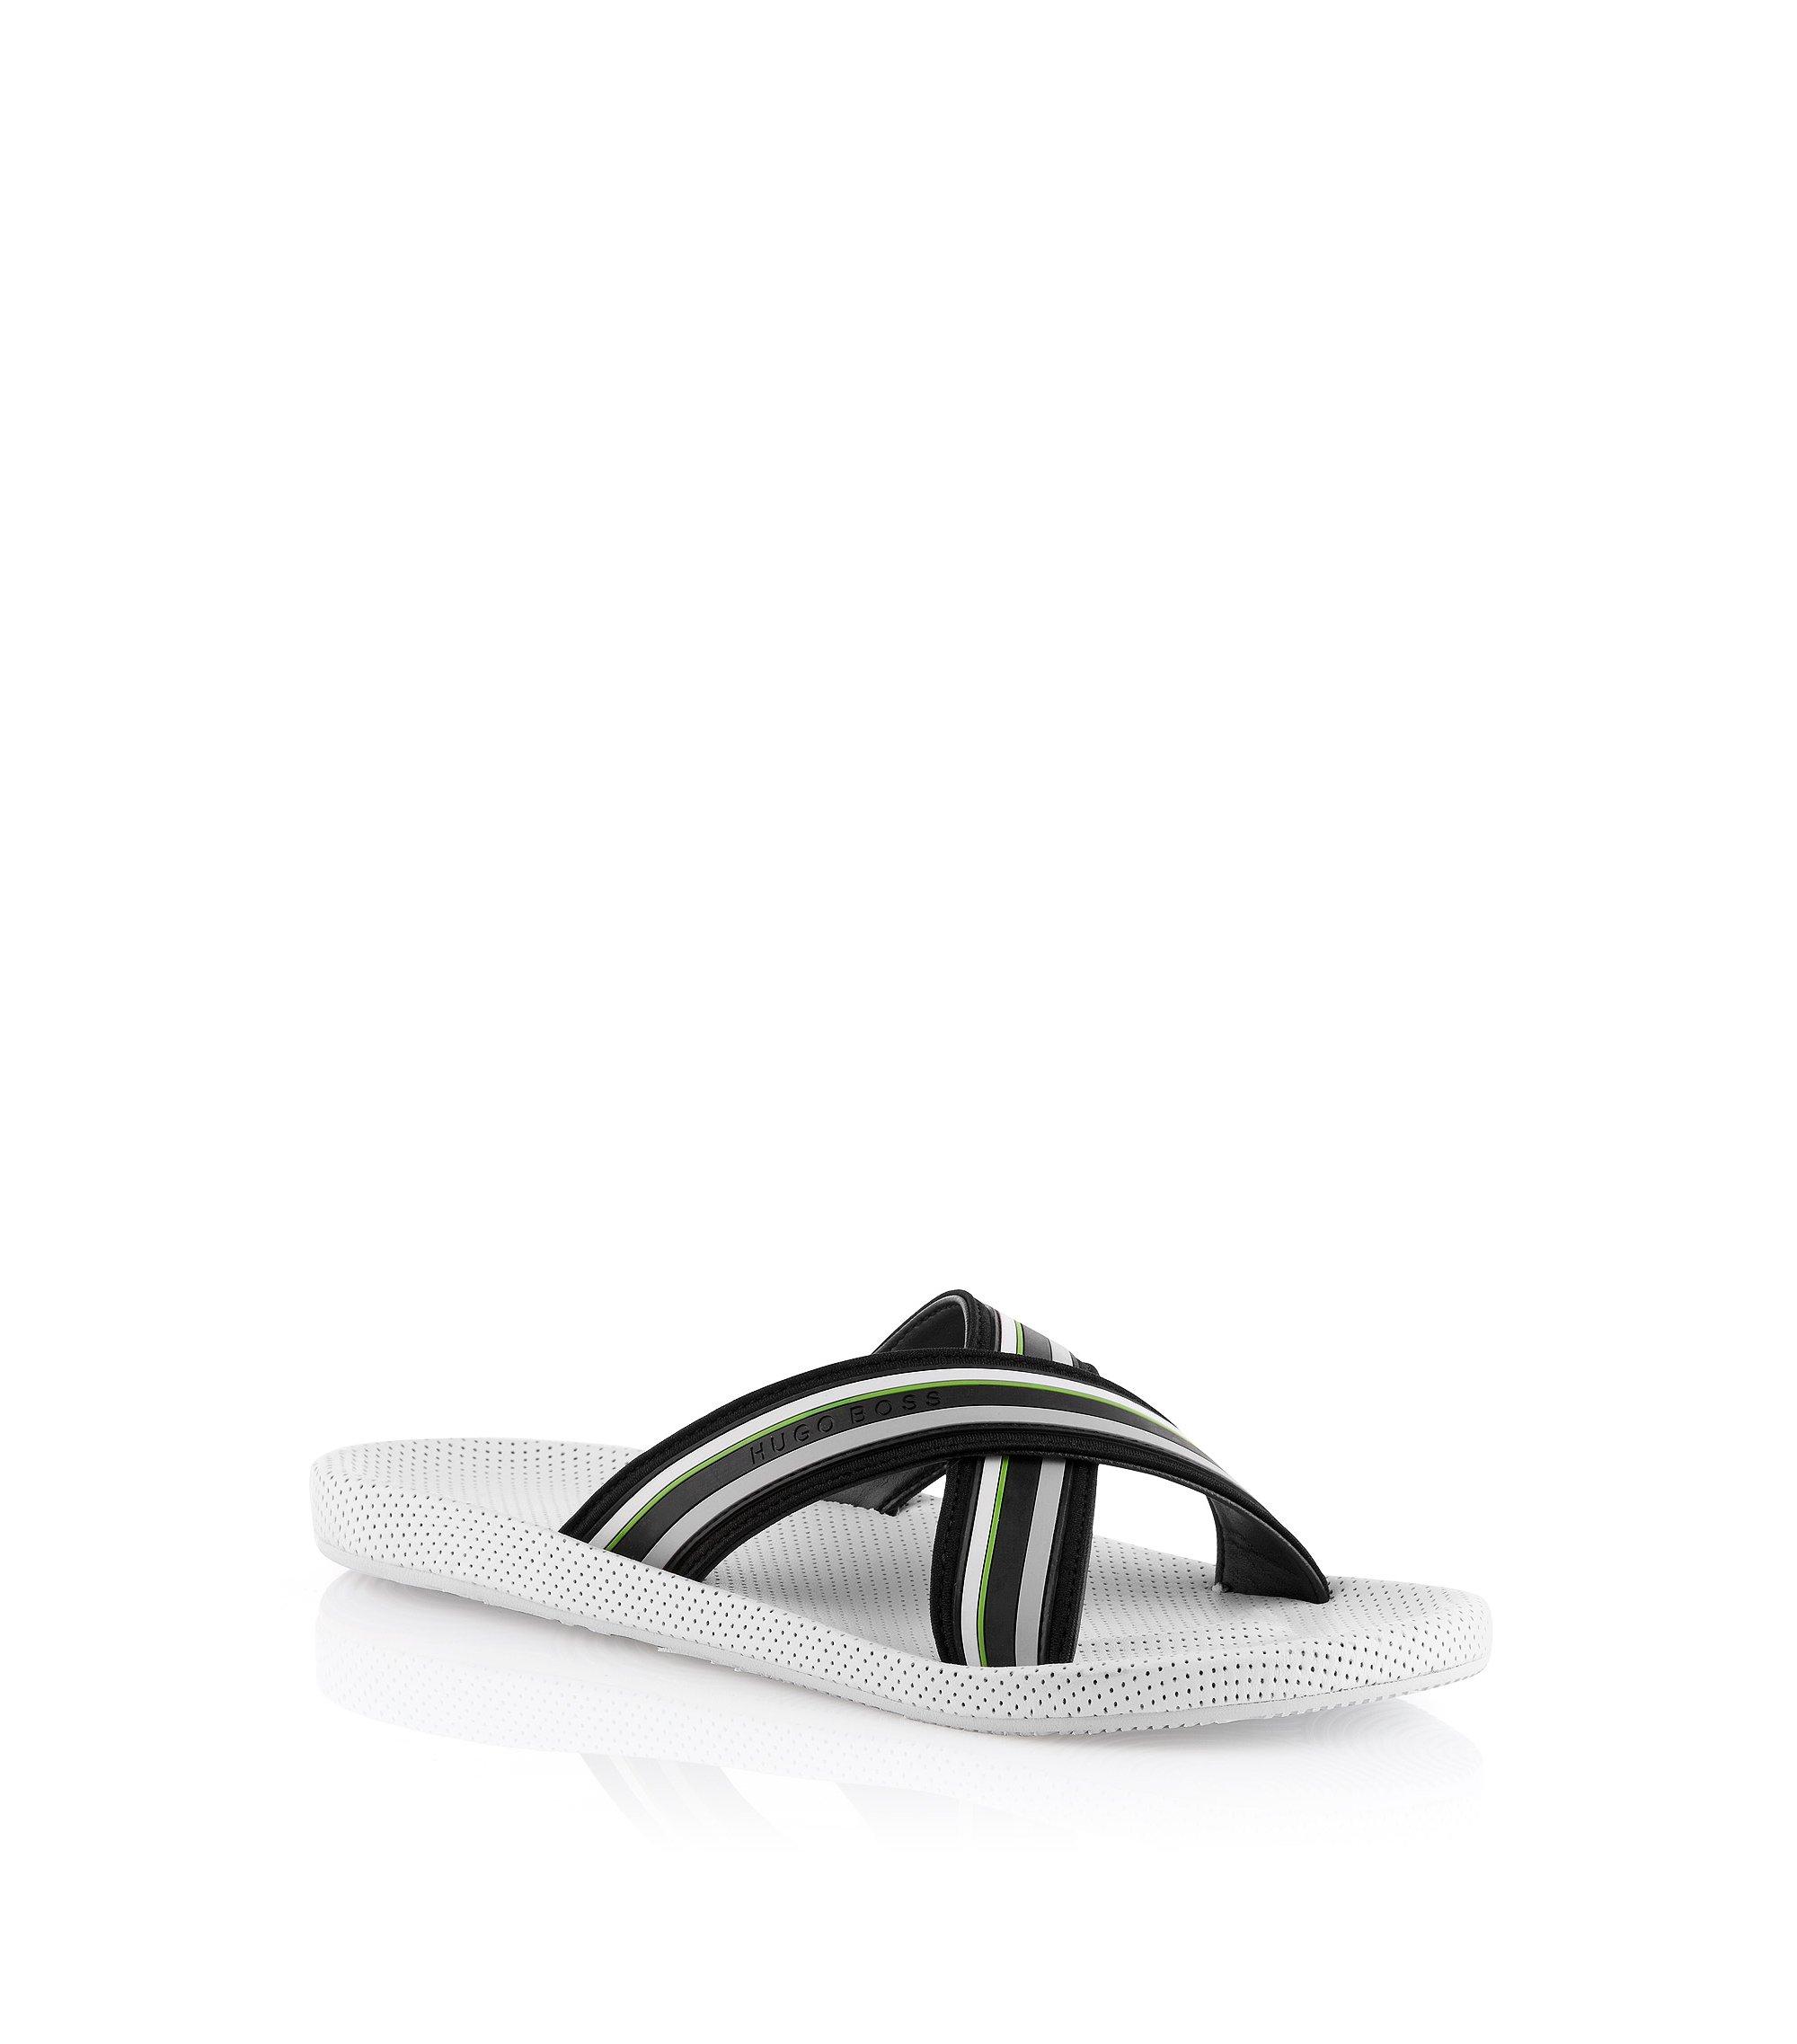 Sandales sans fermeture, Shoreline I Web, Noir